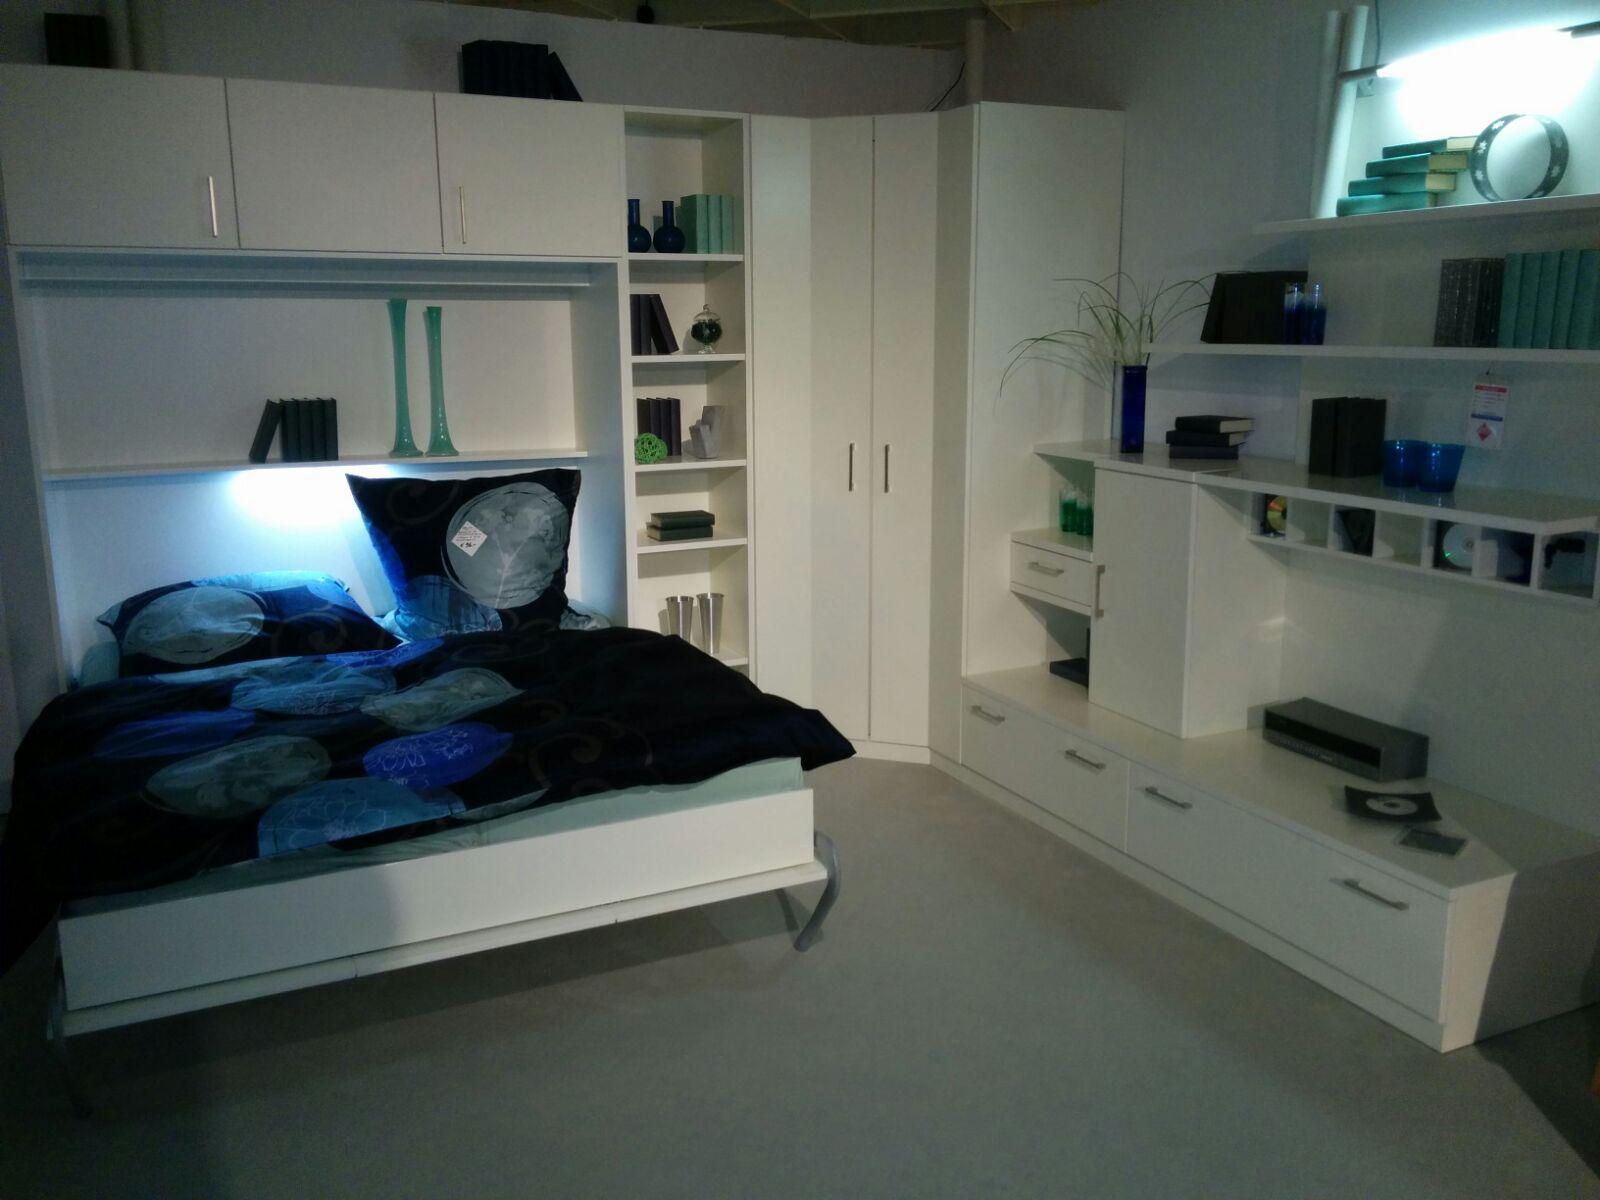 wo finde ich genau so ein schlafzimmer? (suche )